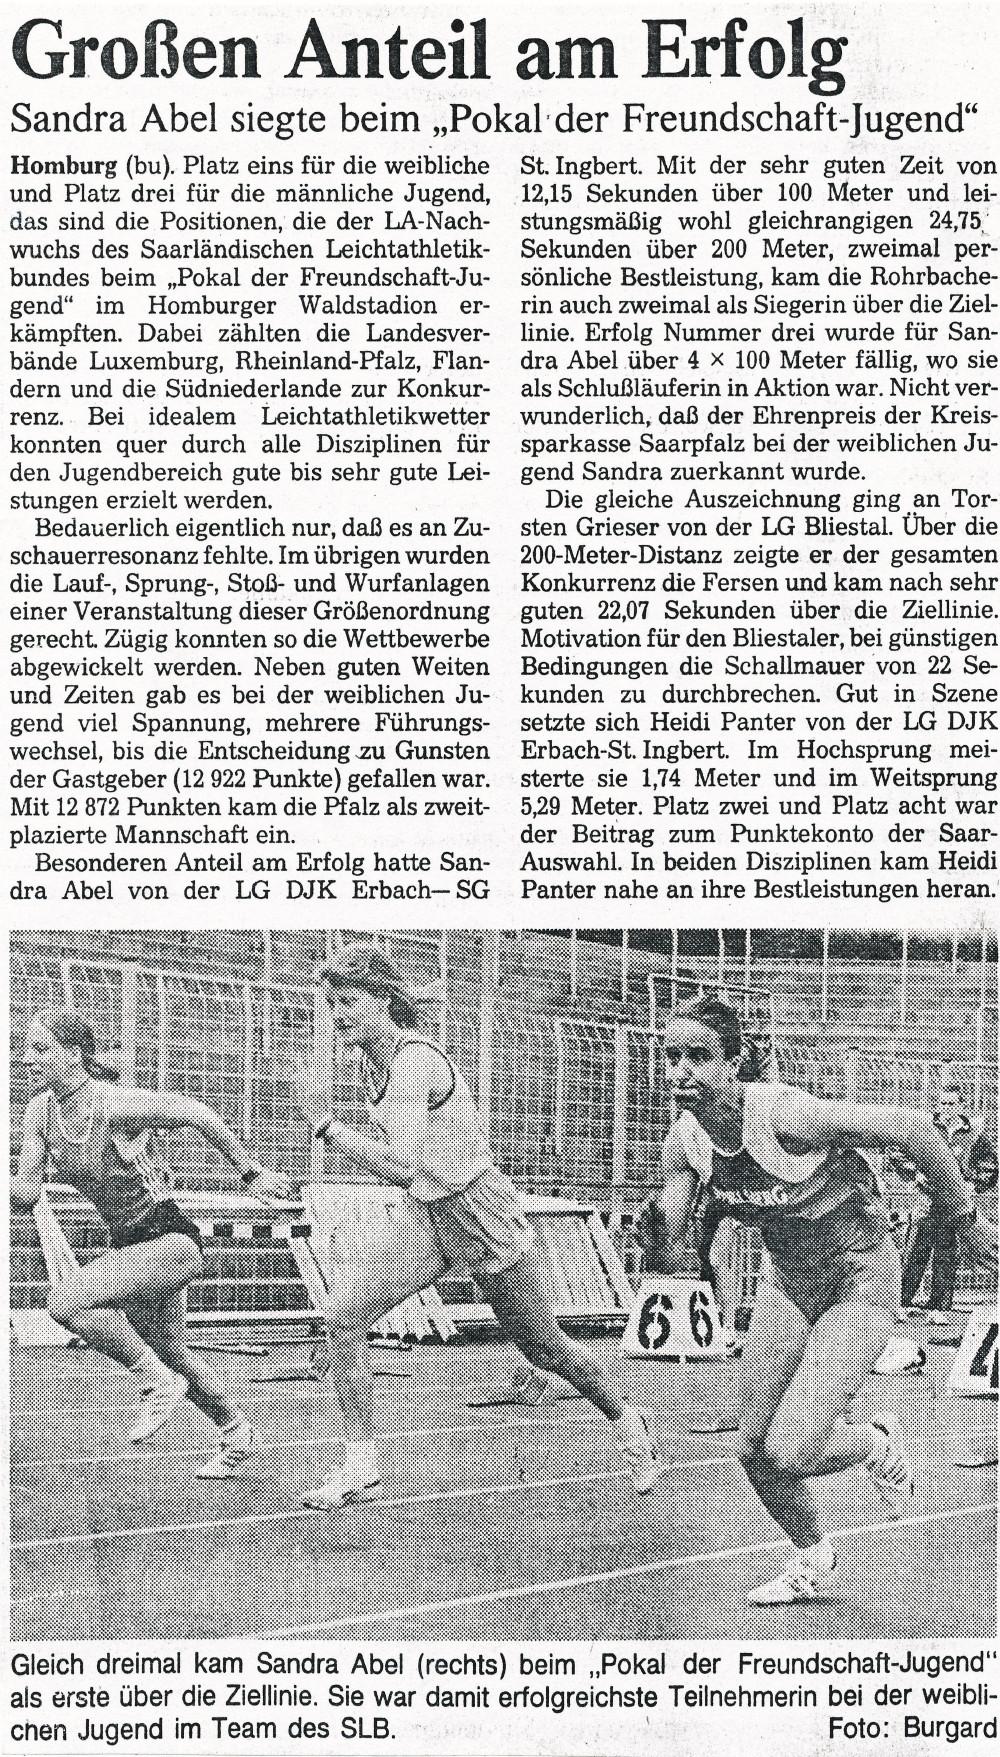 Die saarbrücker Zeitung berichtet über den Pokal der Freundschaft